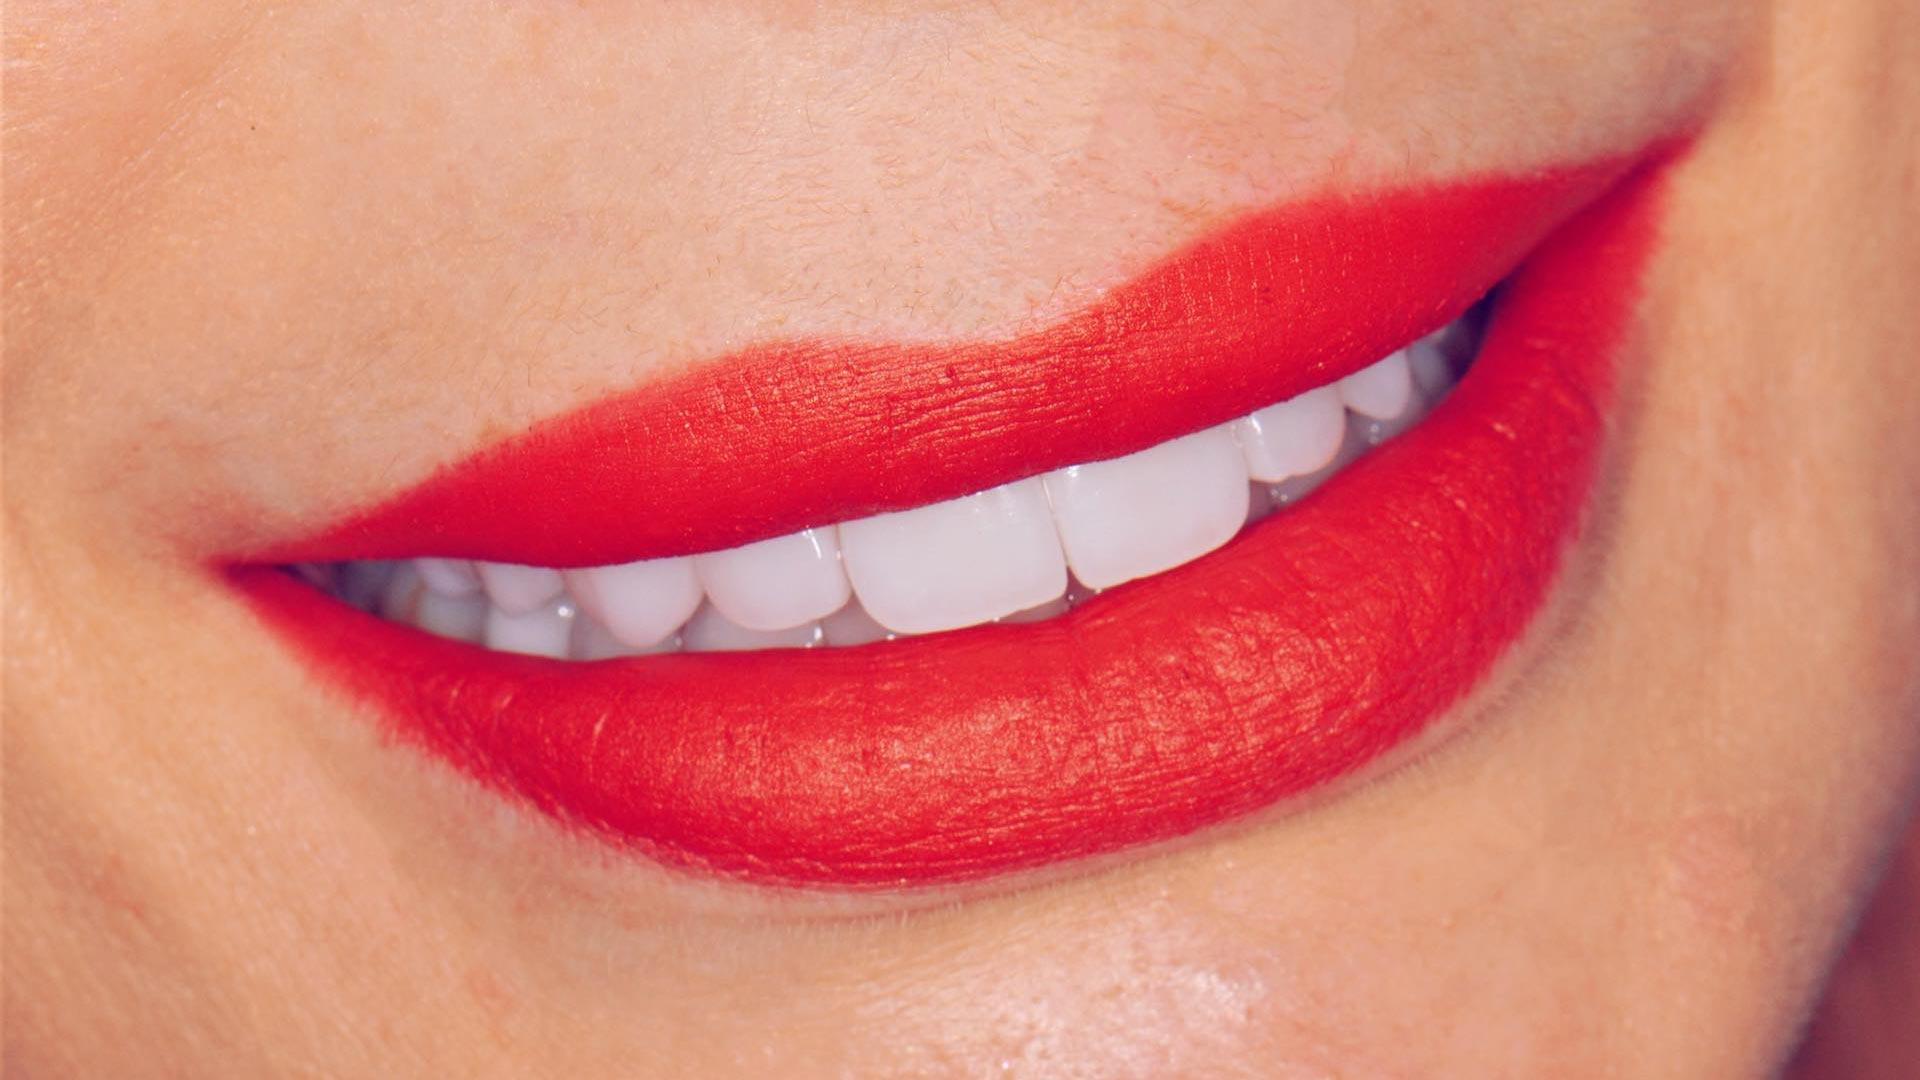 estetica-dentale-roma-dentista-san-giovanni